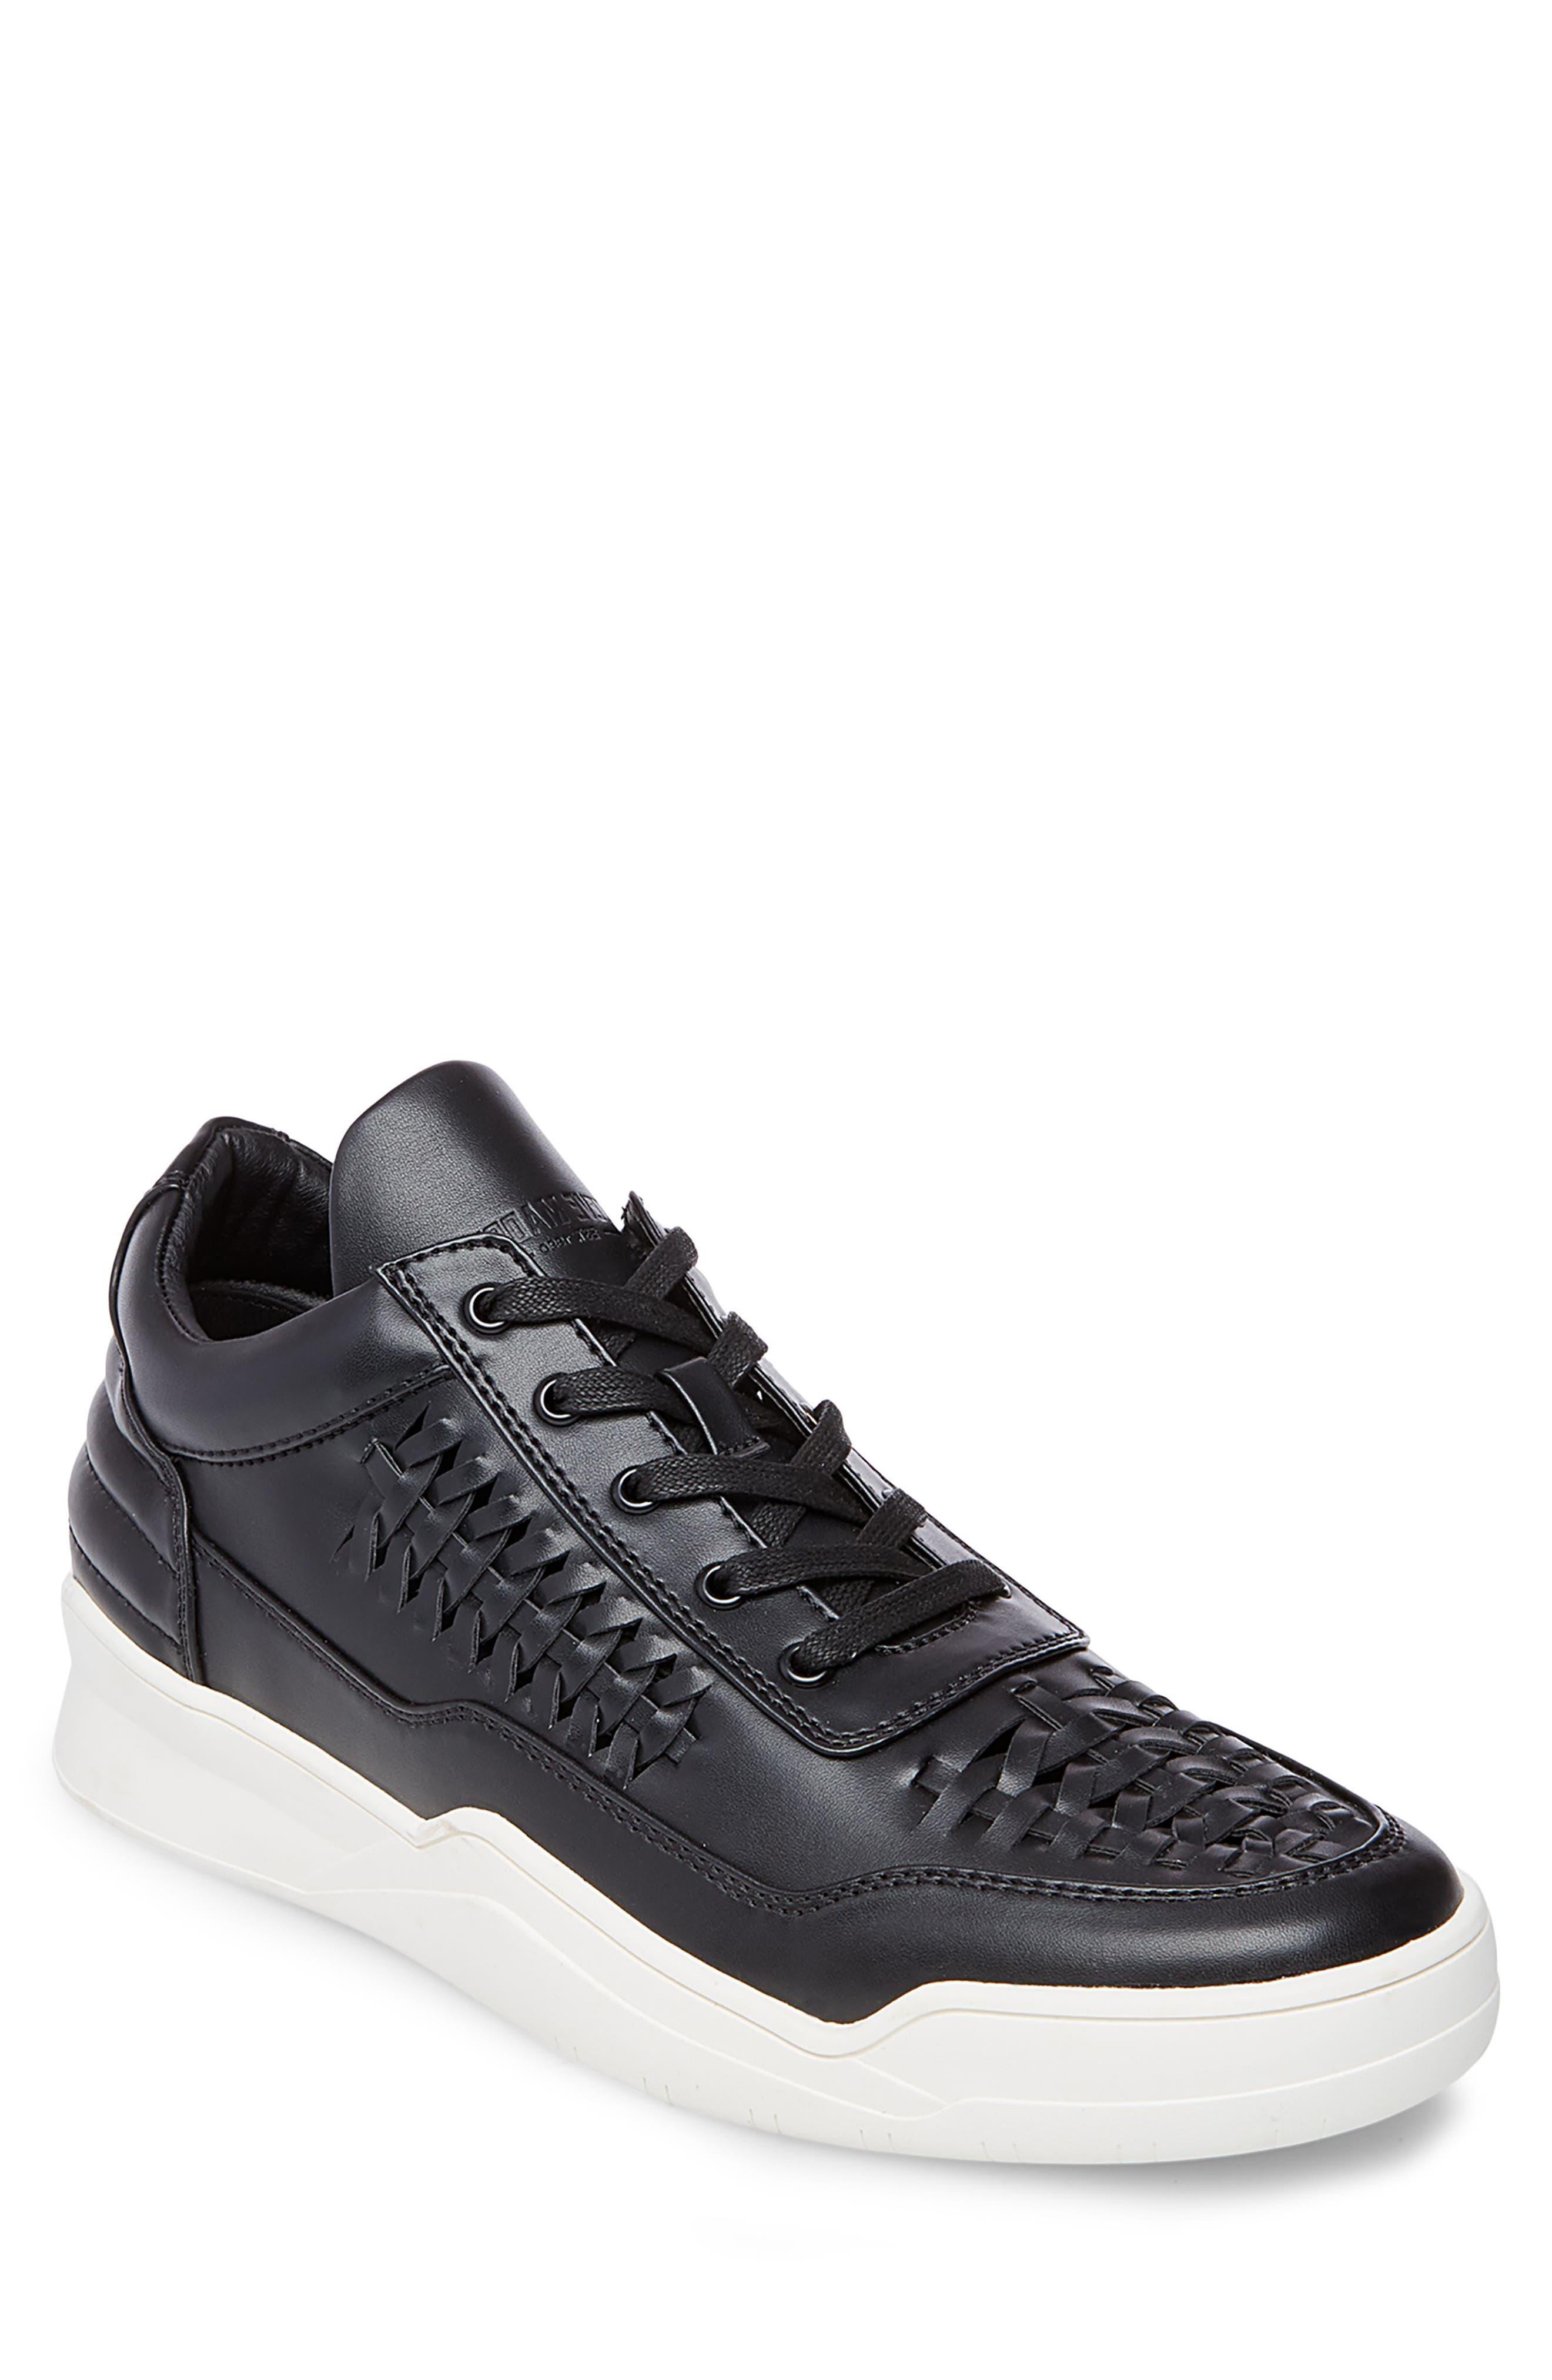 Alternate Image 1 Selected - Steve Madden Valor Sneaker (Men)